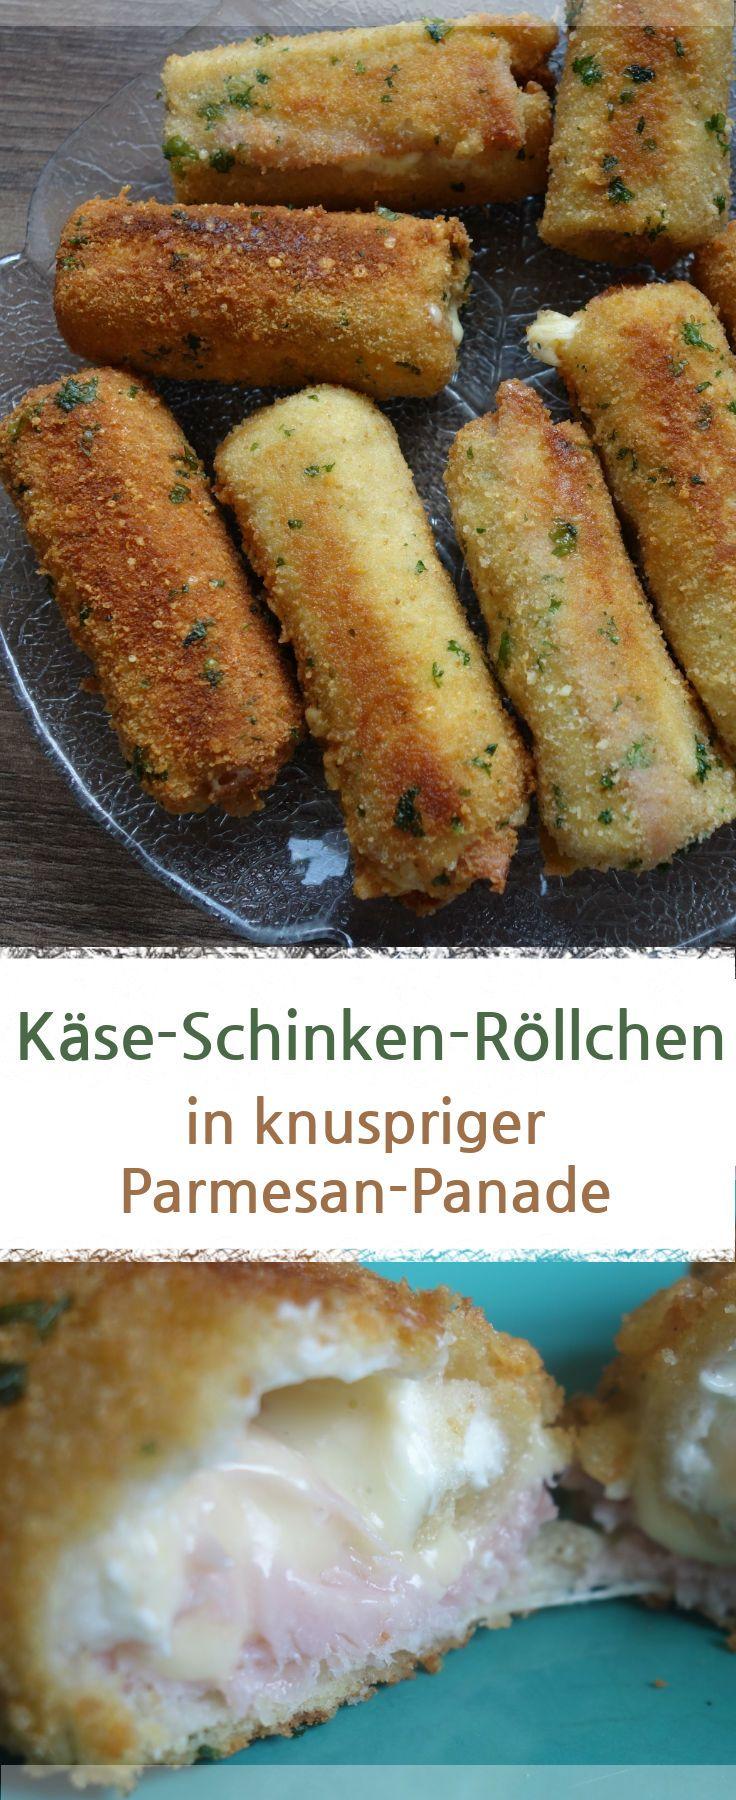 Käse-Schinken-Röllchen mit Toast in knuspriger Parmesan-Panade.  – Meine Stube #käse #fingerfood #parmesan #foodporn